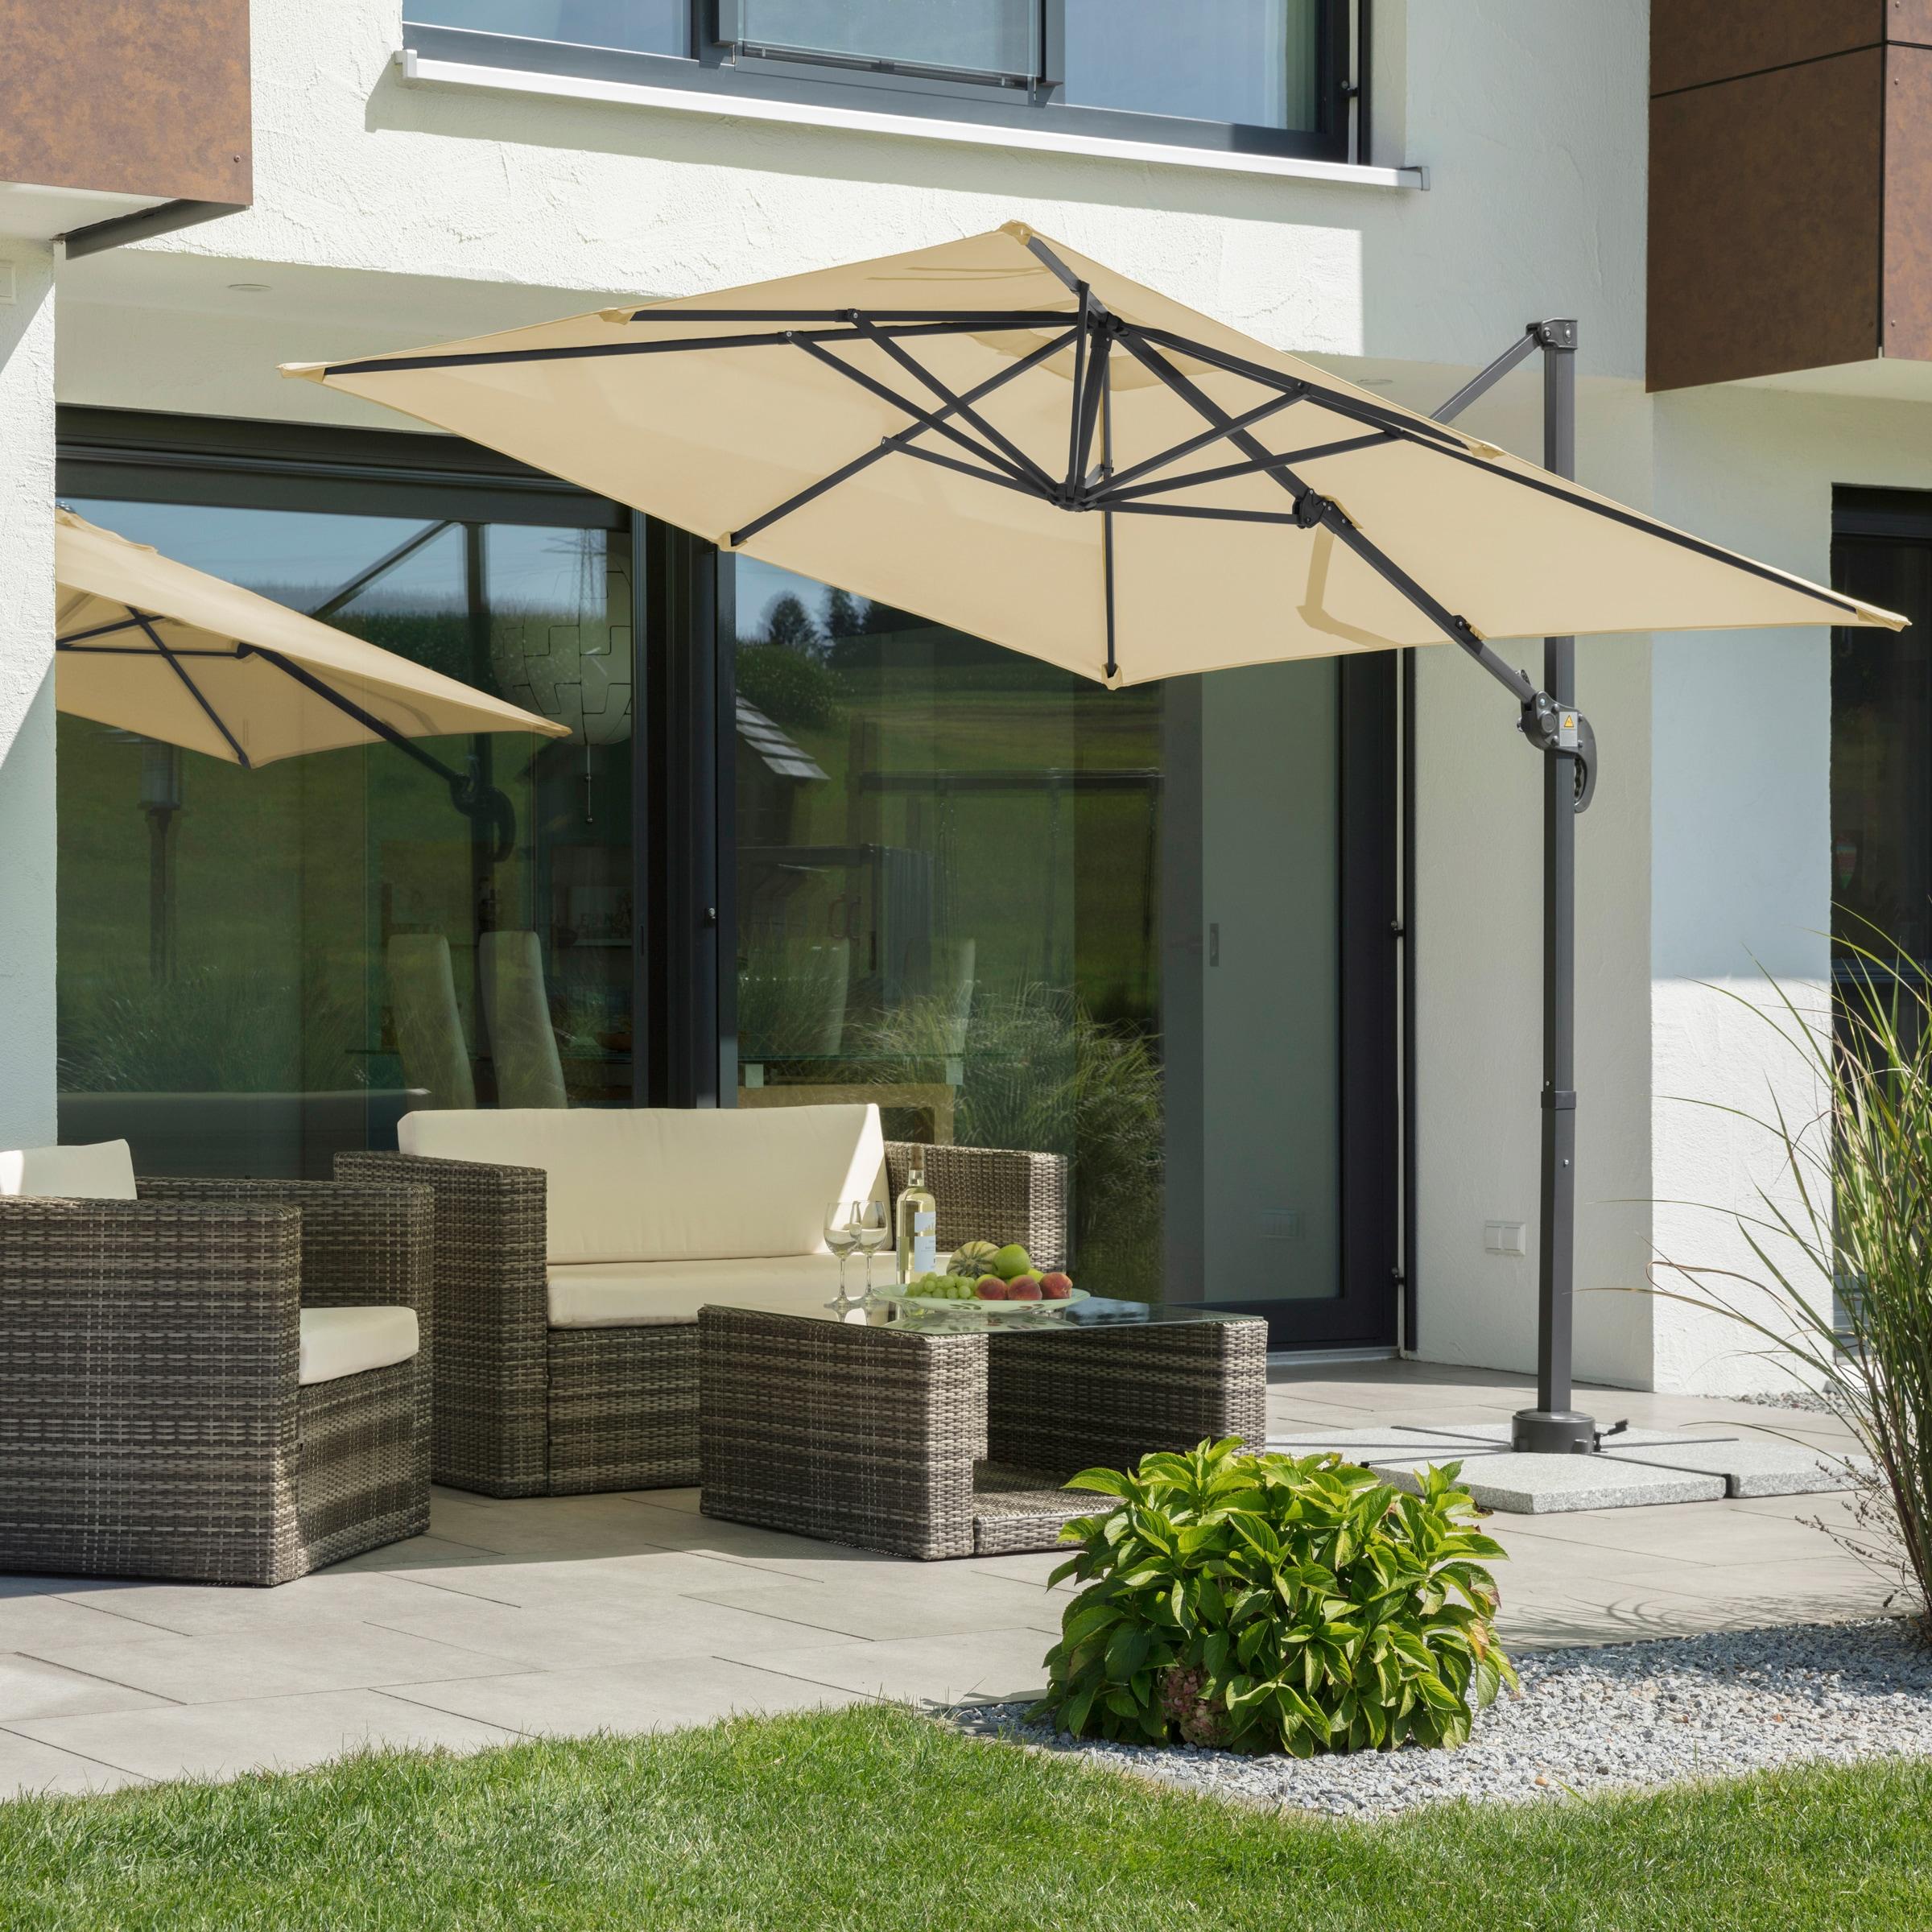 Schneider Schirme Ampelschirm Rhodos Junior, mit Schutzhülle, ohne Wegeplatten beige Sonnenschirme -segel Gartenmöbel Gartendeko